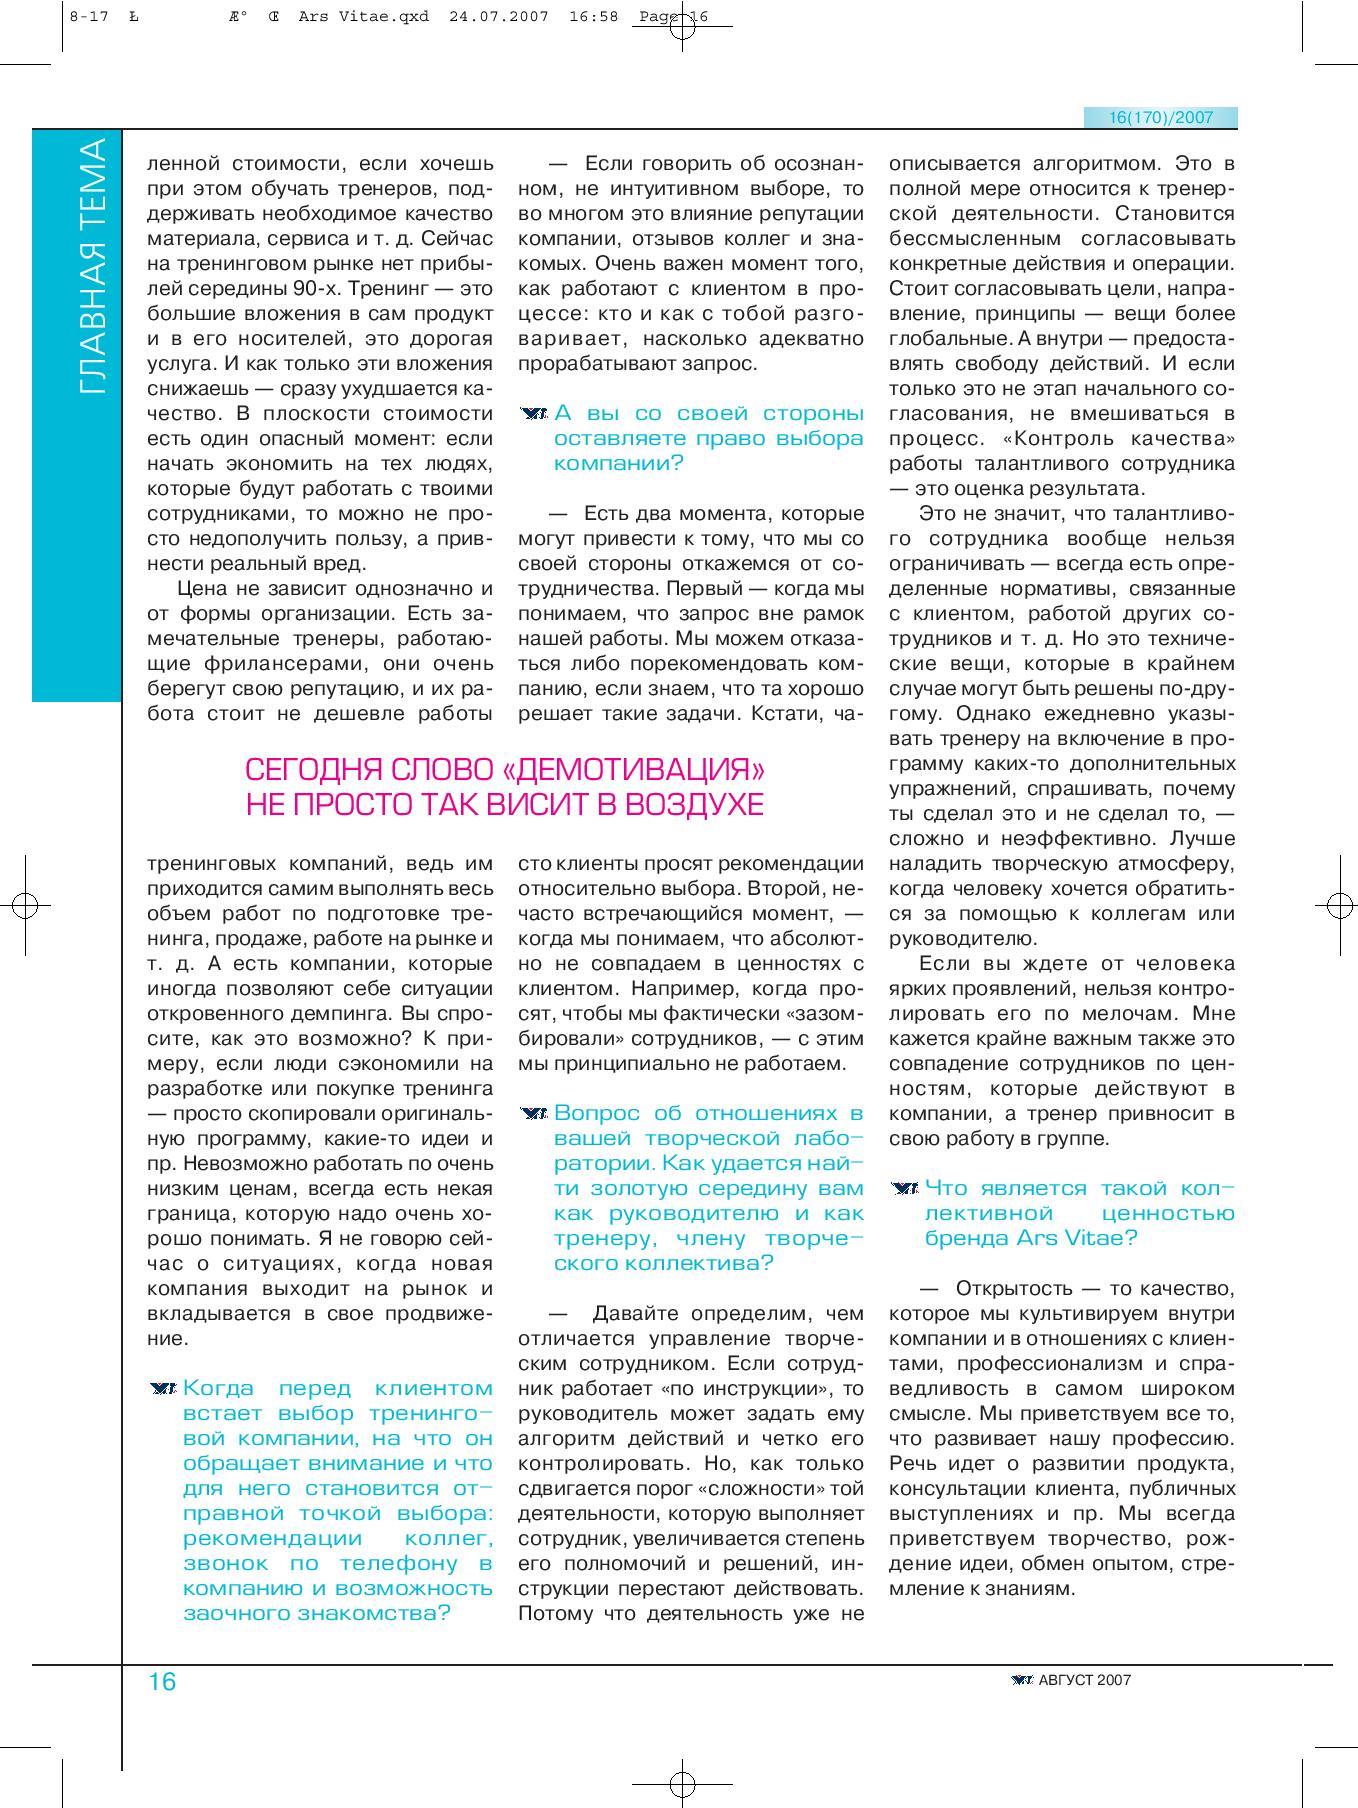 8-17__intervyu_oblozhka_Ars_Vitae-page-009.jpg